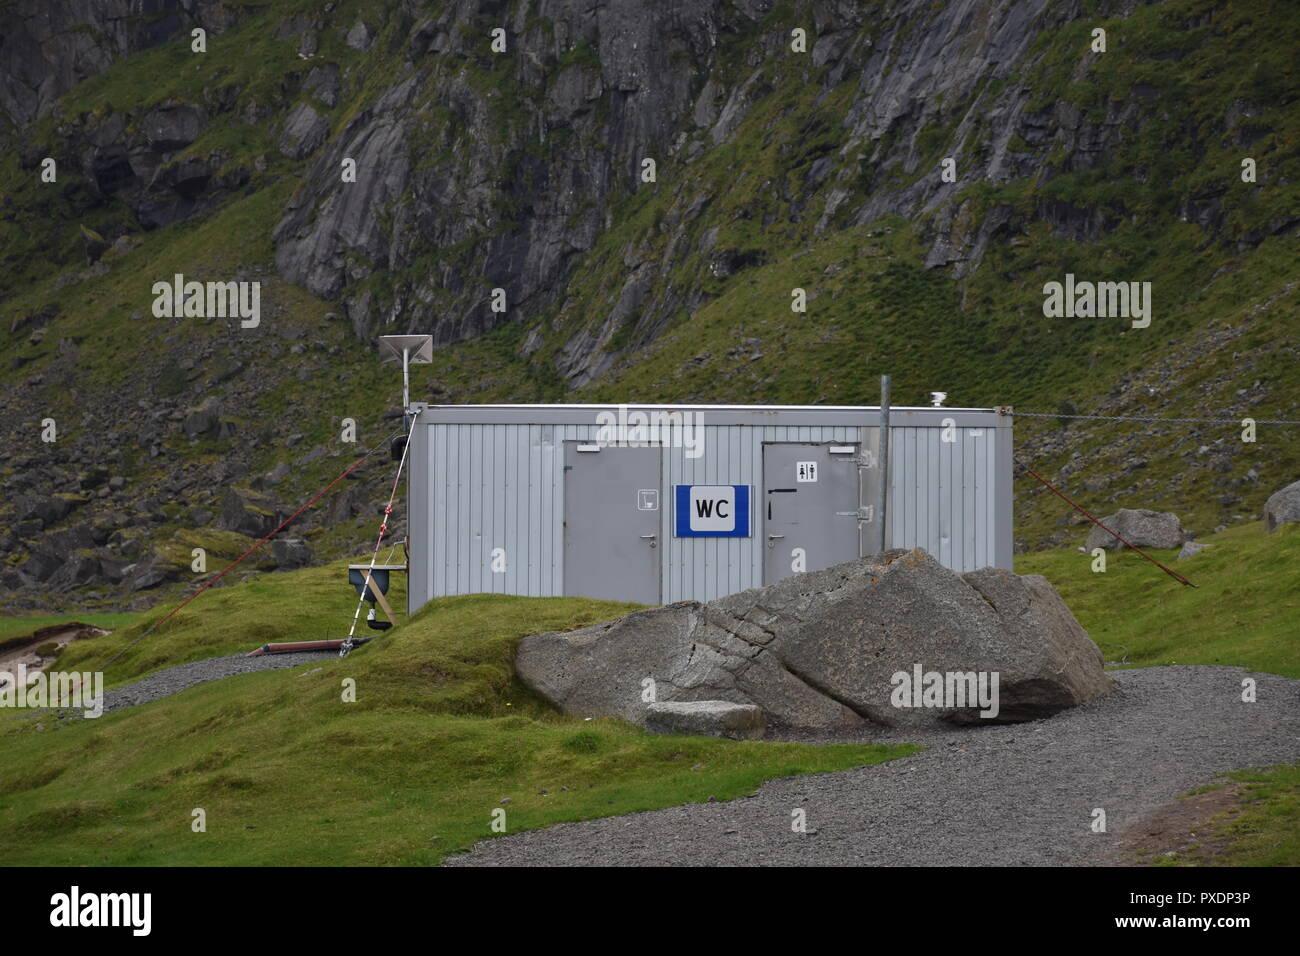 Norwegen, Lofoten, Uttakleiv, WC, Klohäuschen, Parkplatz, gebührenpflichtig, Hütte, Holzhütte, Parkschein, Parkscheinautomat, Container, Klo, Toilette - Stock Image